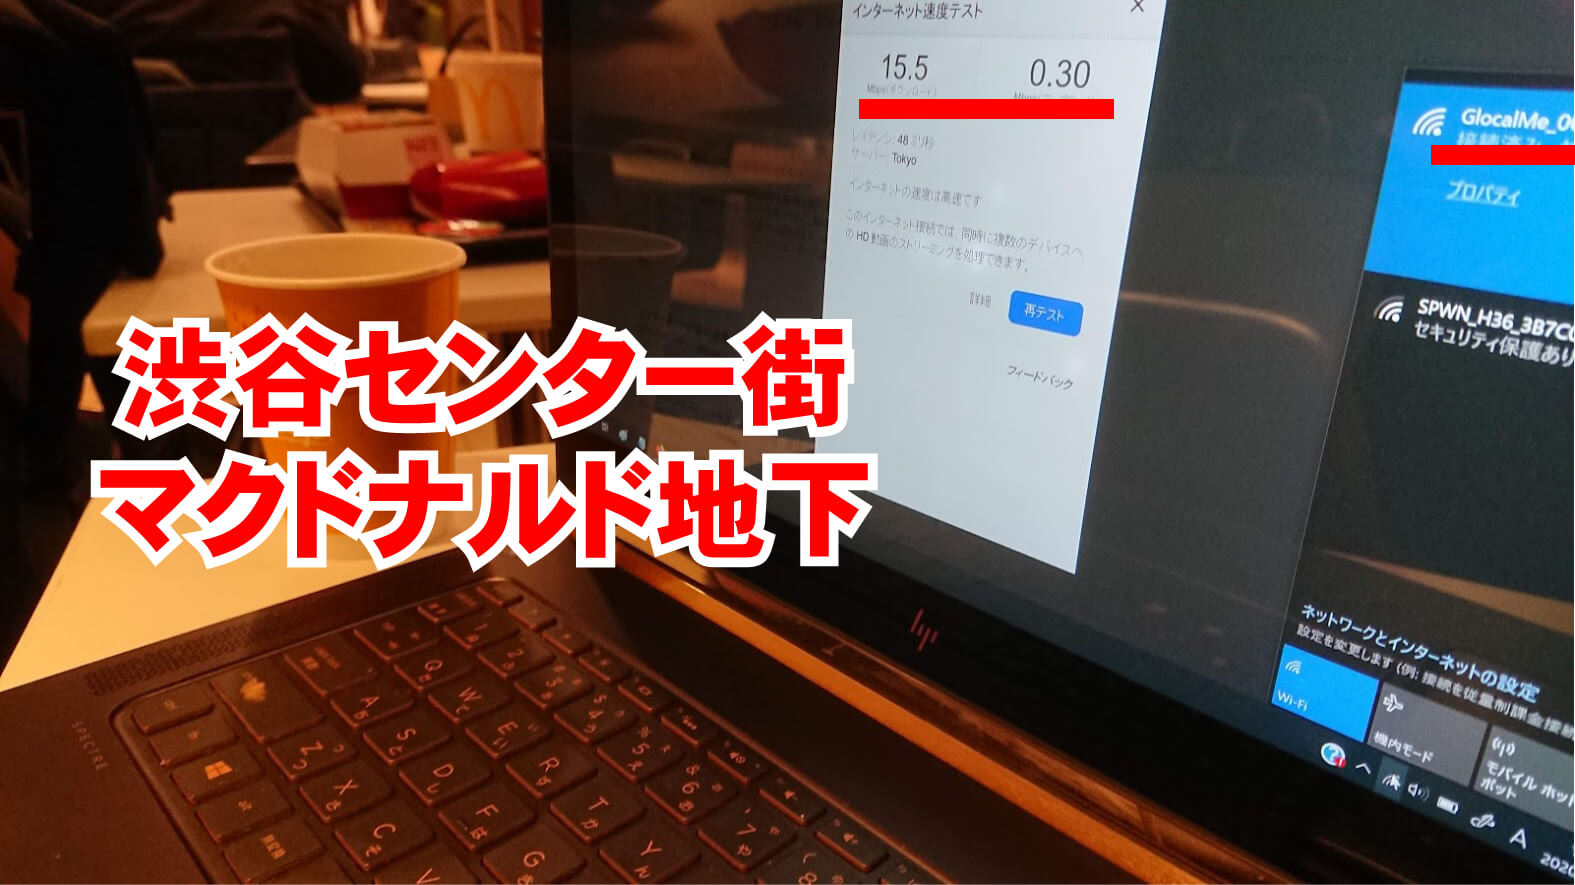 渋谷センター街マクドナルド地下_よくばりWiFi通信速度